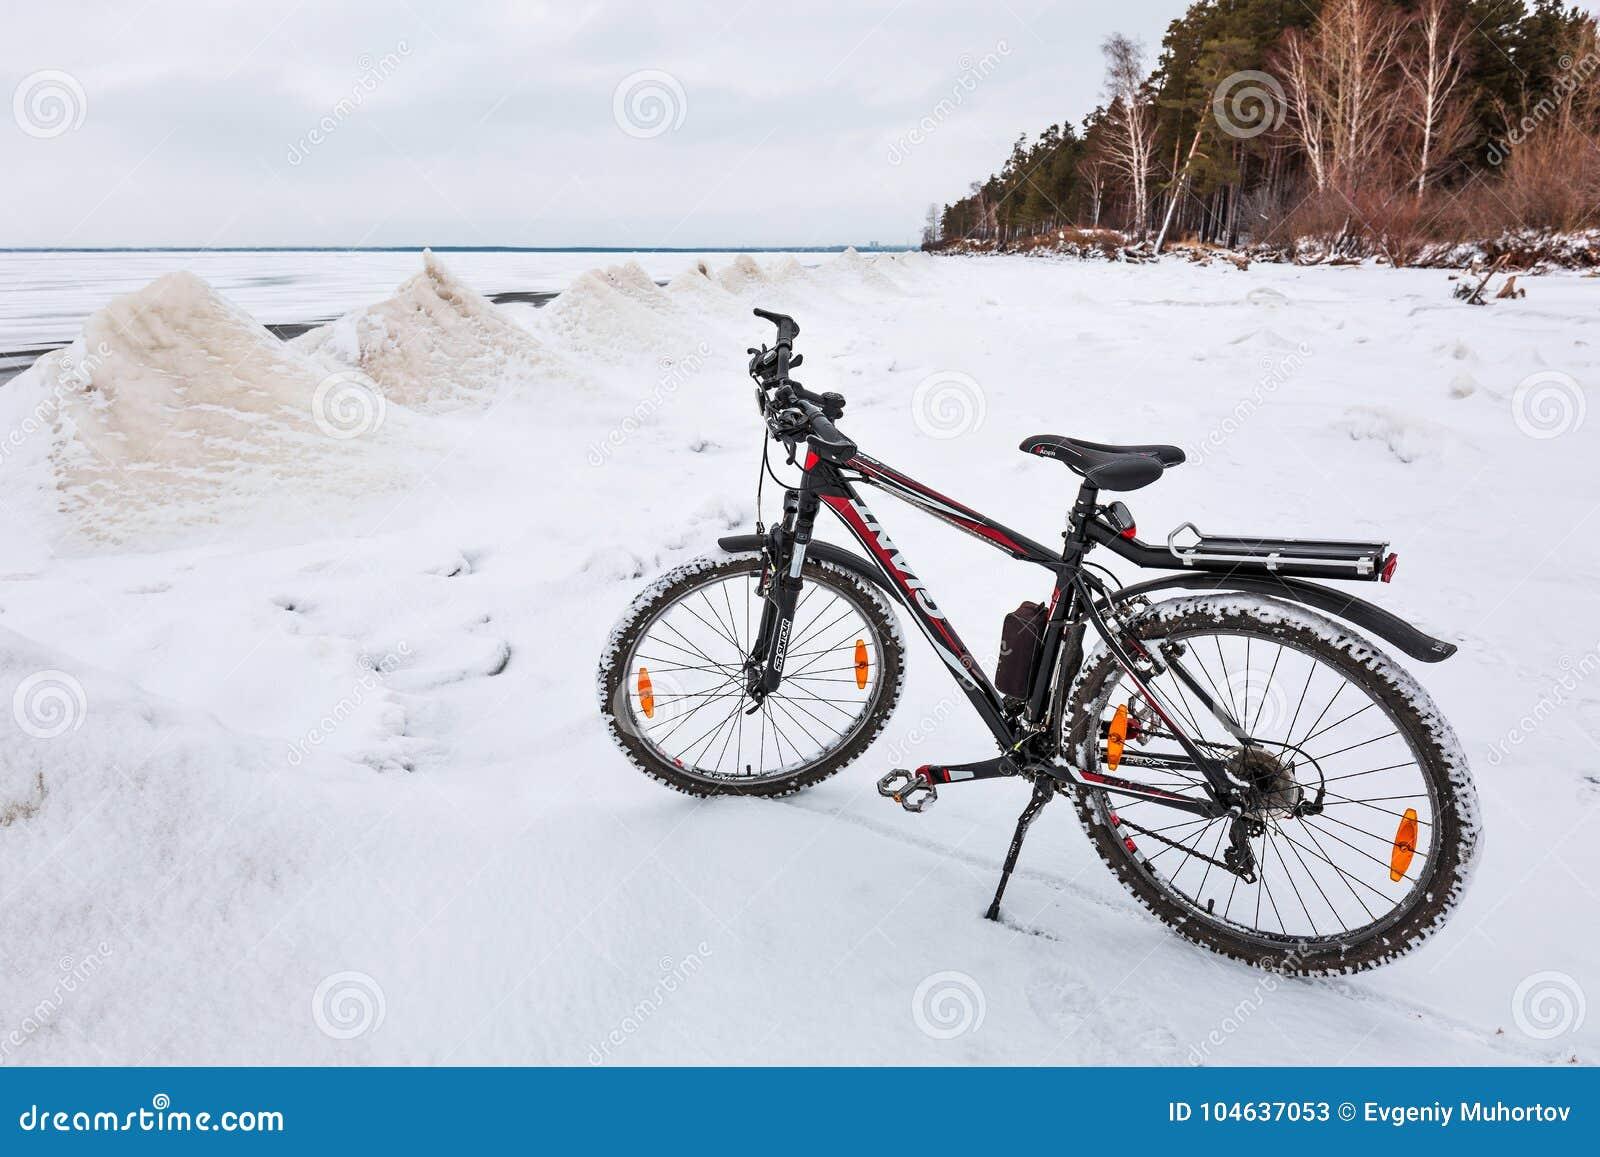 Download De Winterlandschap Met Een Fiets Op De Bevroren Rivier Ob Rive Redactionele Stock Foto - Afbeelding bestaande uit extreem, sneeuw: 104637053